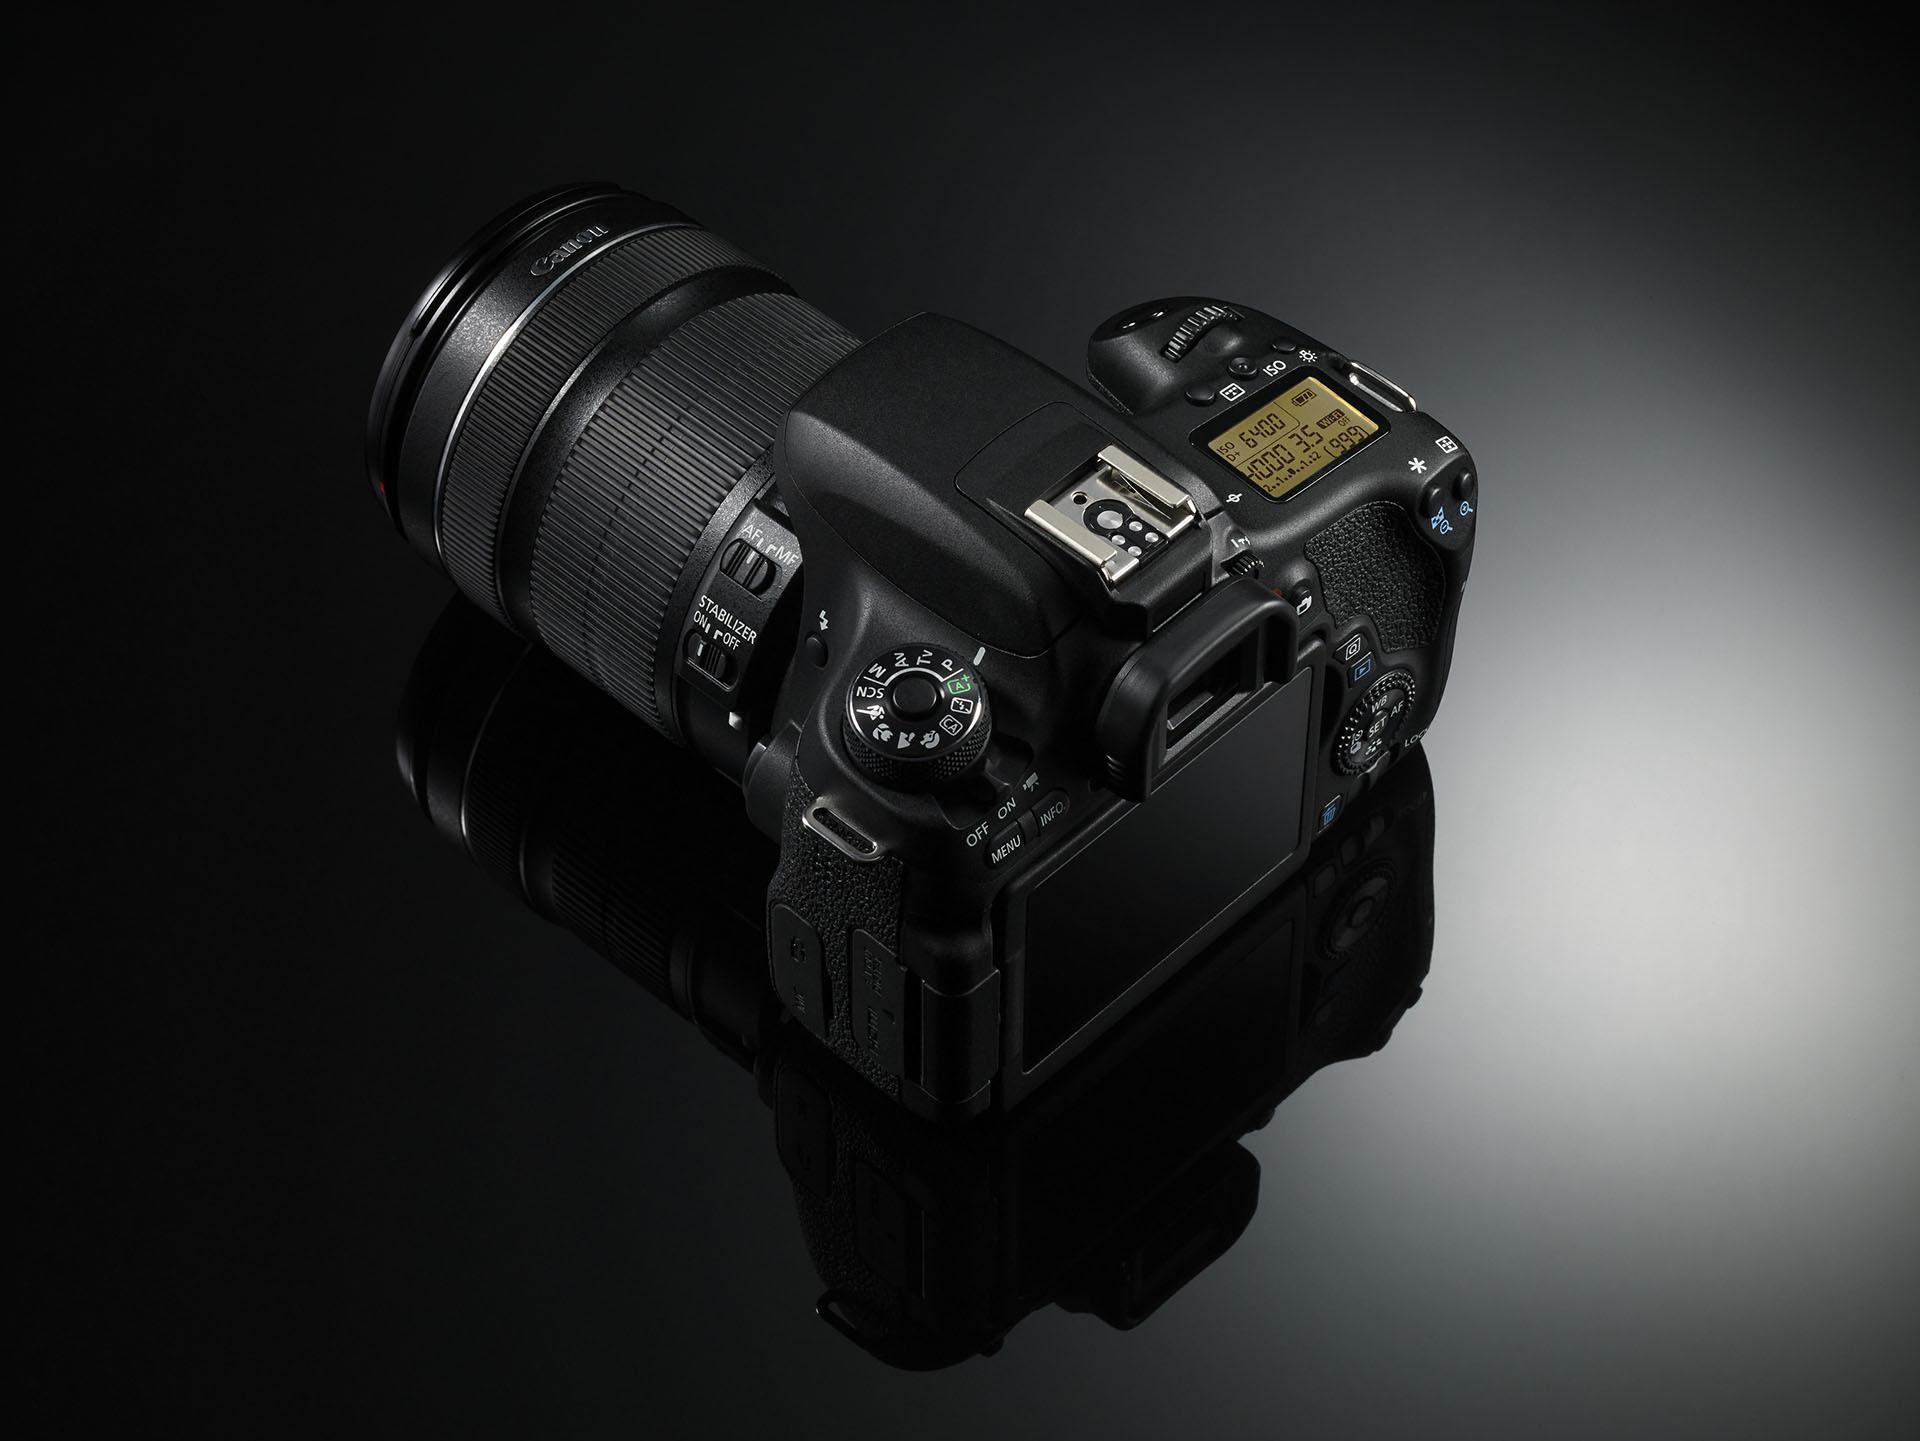 Die EOS 760D- Topdisplay und Daumenrad wie bei den großen DSLRs (Bild: Canon)